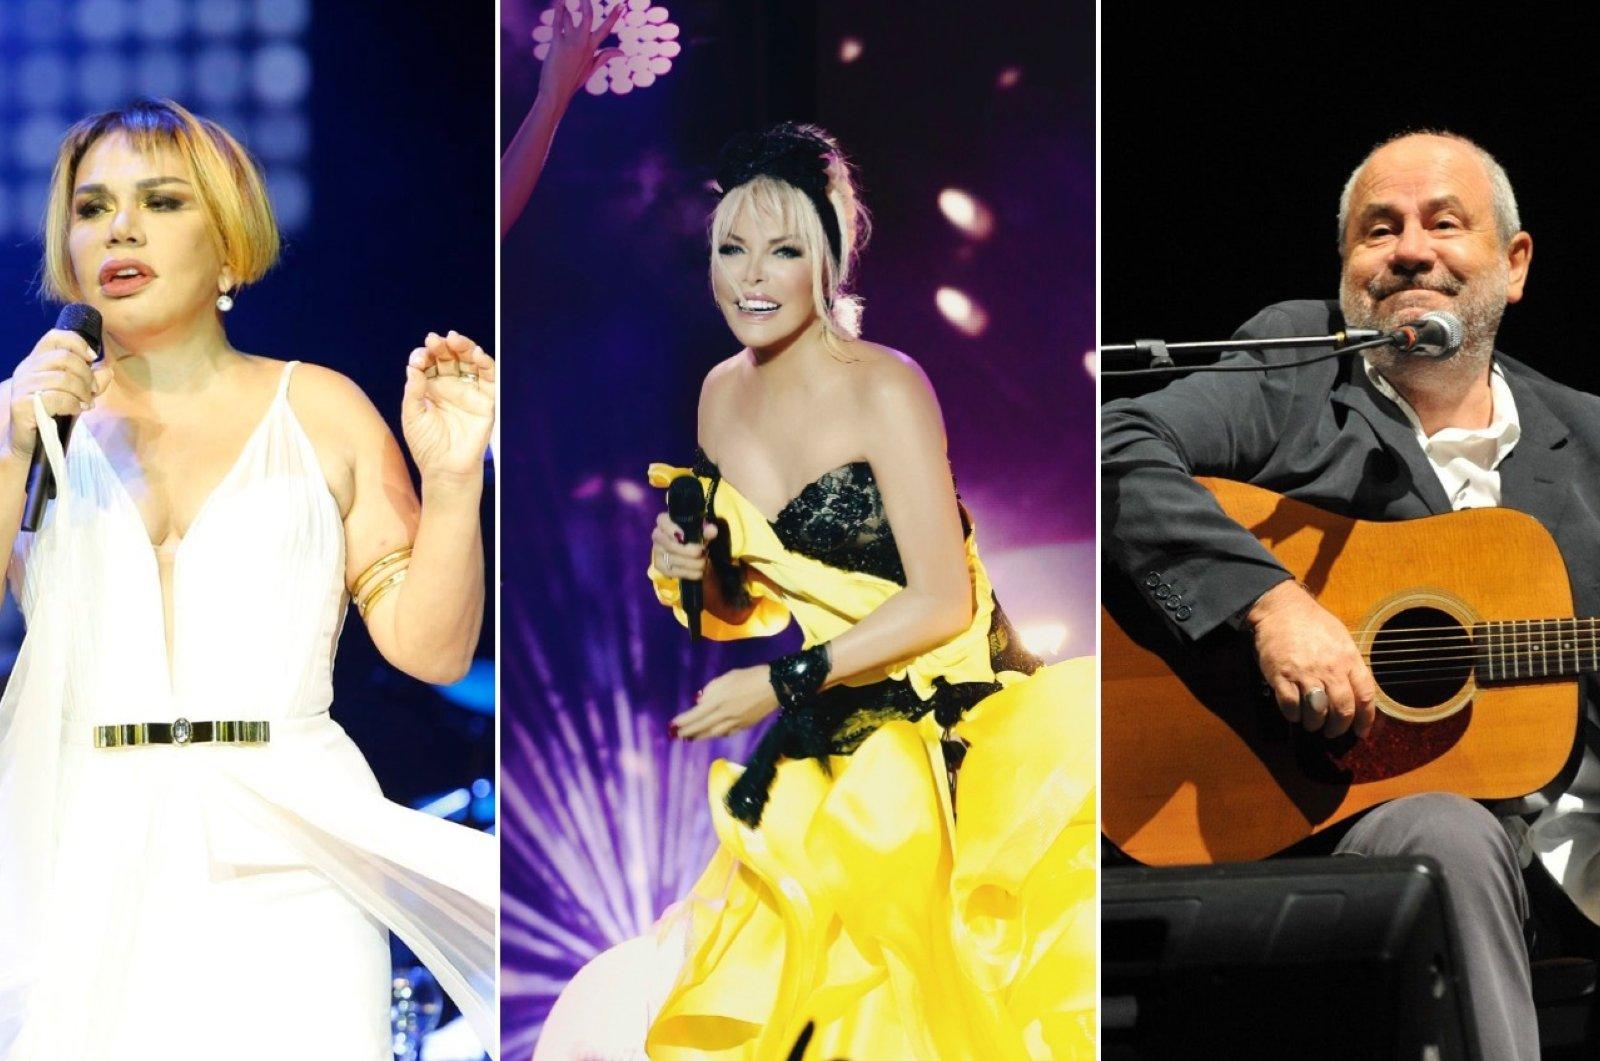 From L to R: Turkish singers Sezen Aksu, Ajda Pekkan, Bülent Ortaçgil and Tanju Okan. (Günaydın/Sabah/Takvim File Photos)